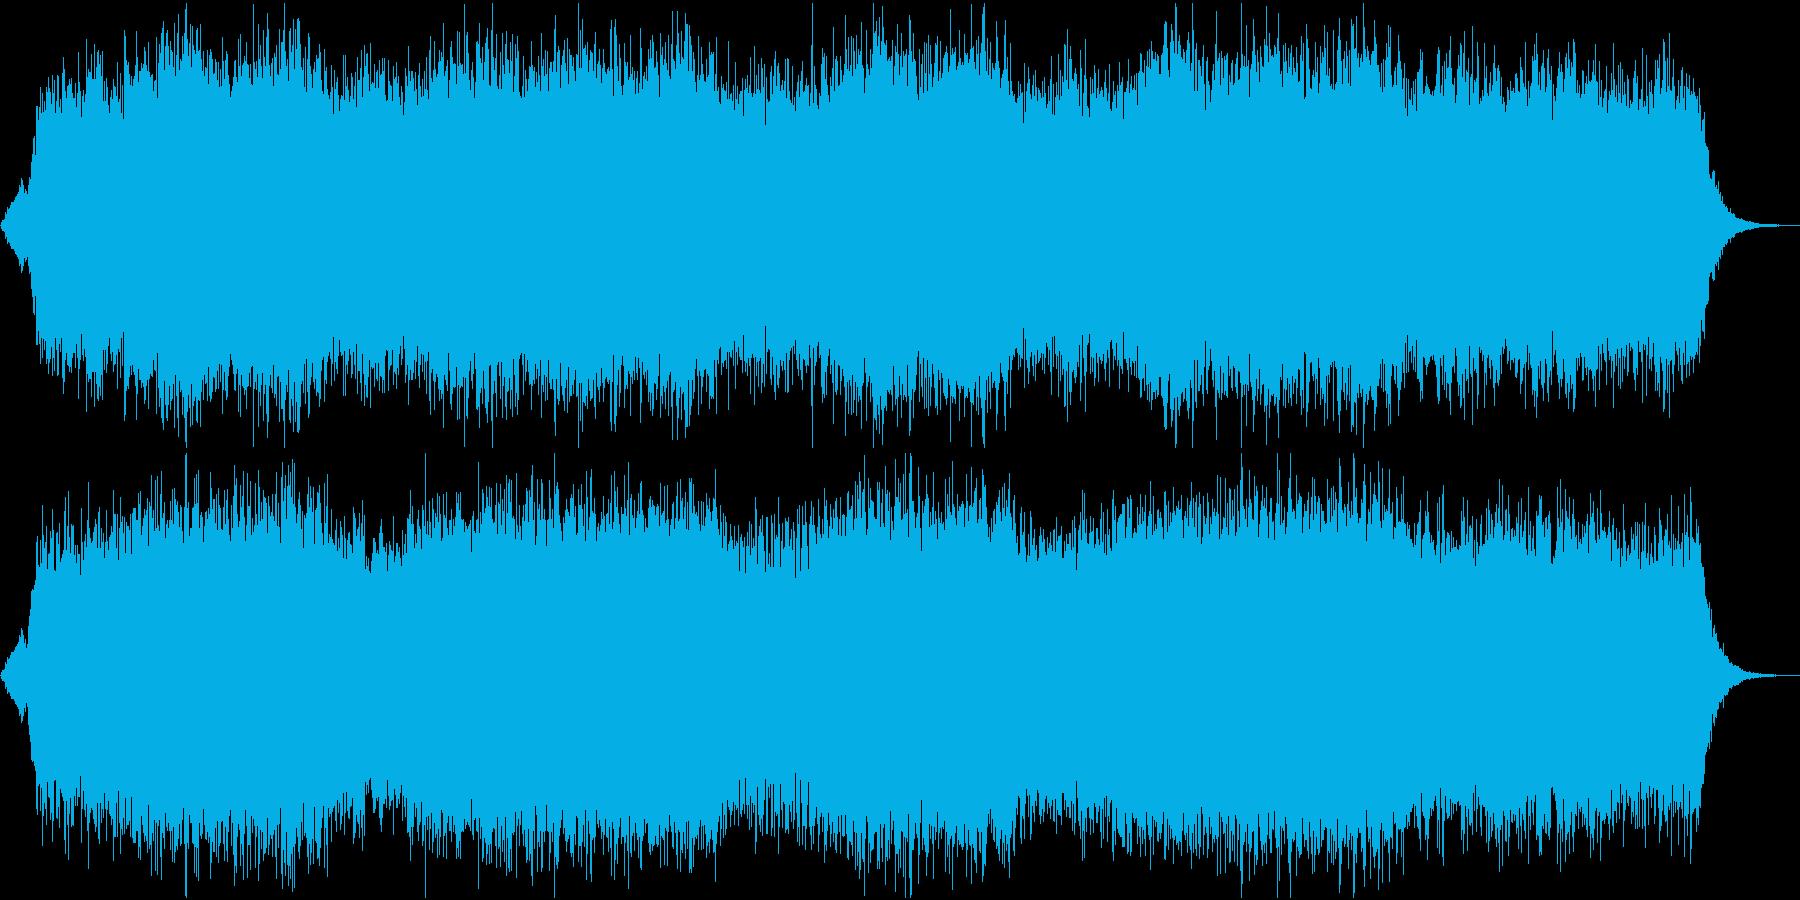 夜の海に合うヒーリングBGMの再生済みの波形